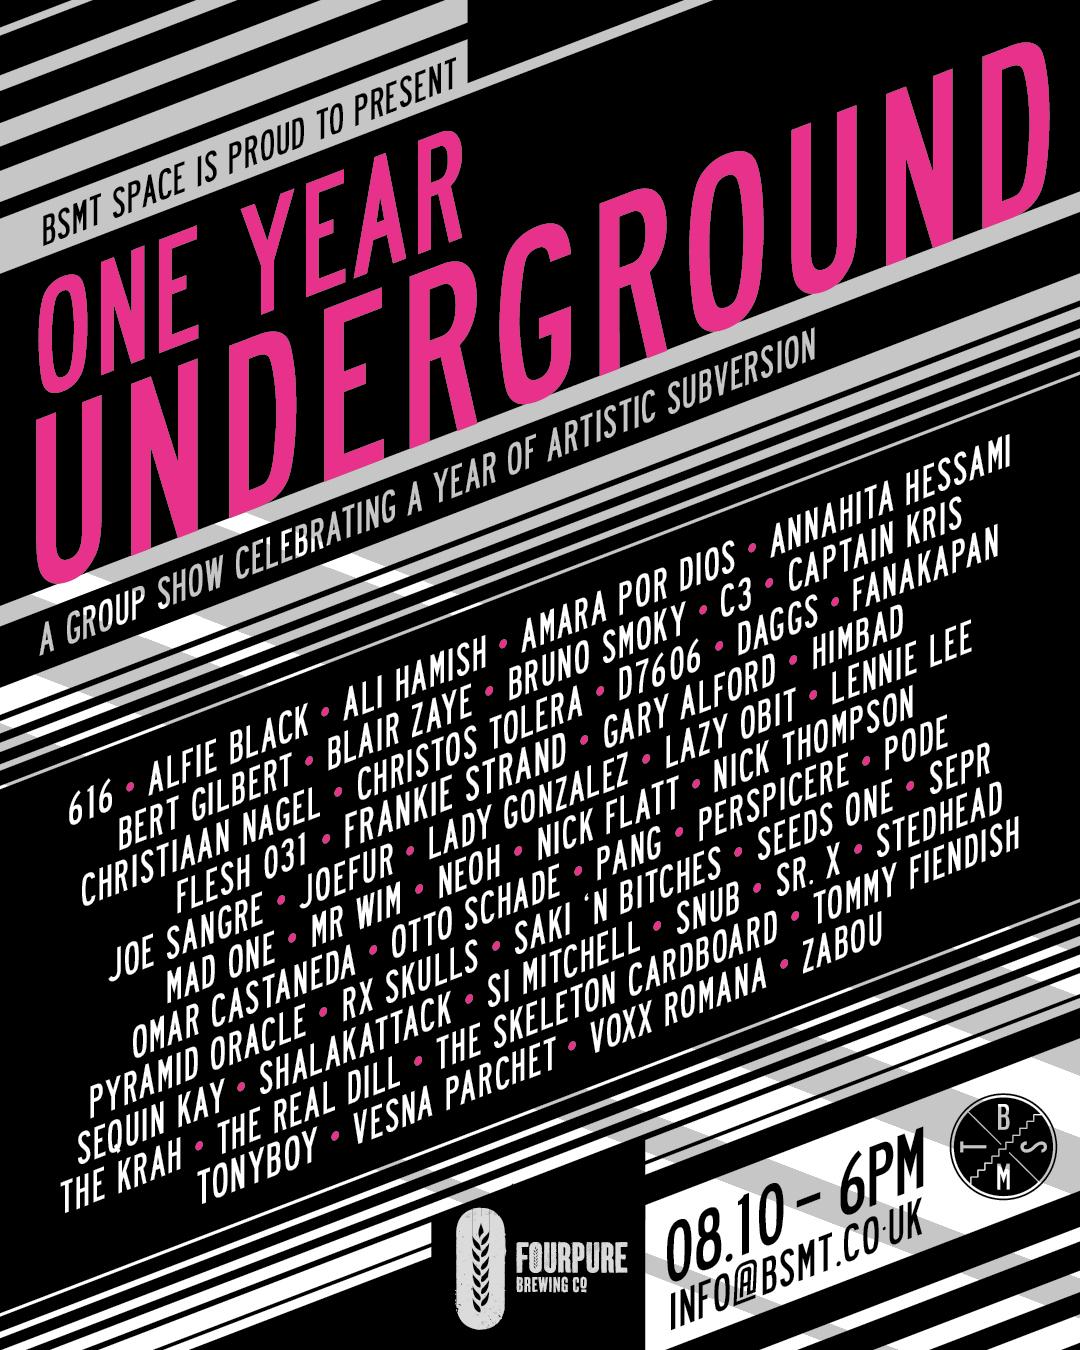 One Year Underground.jpg